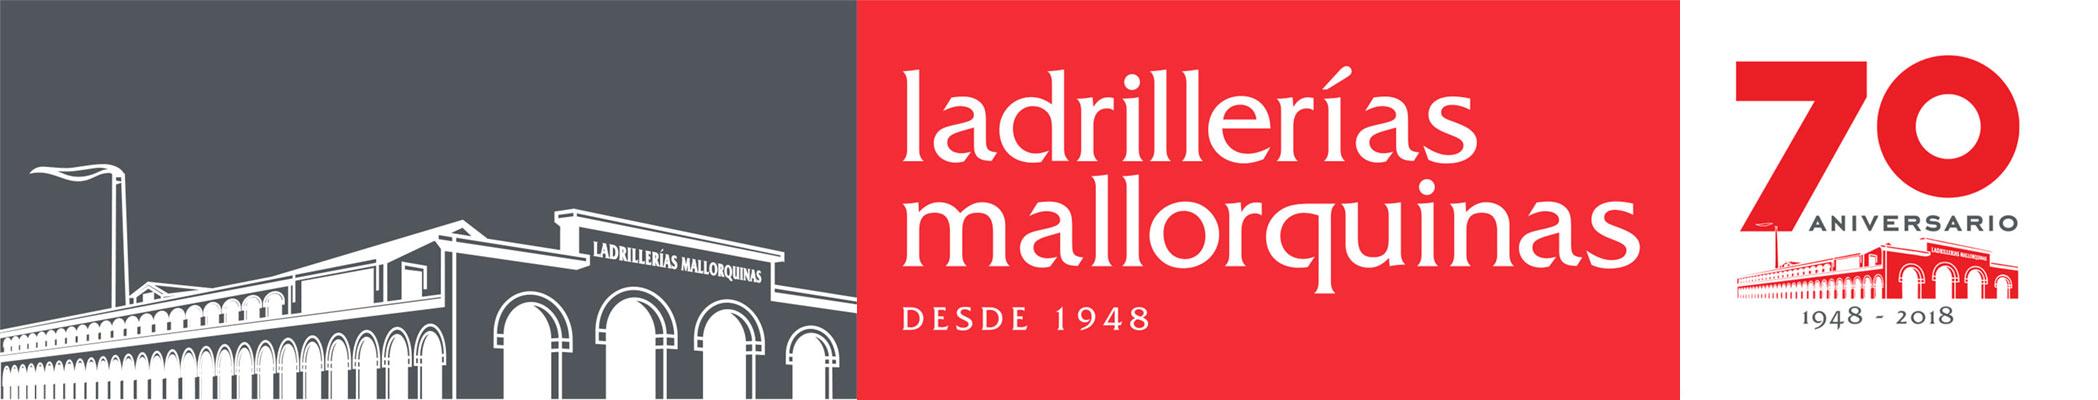 Ladrillerias